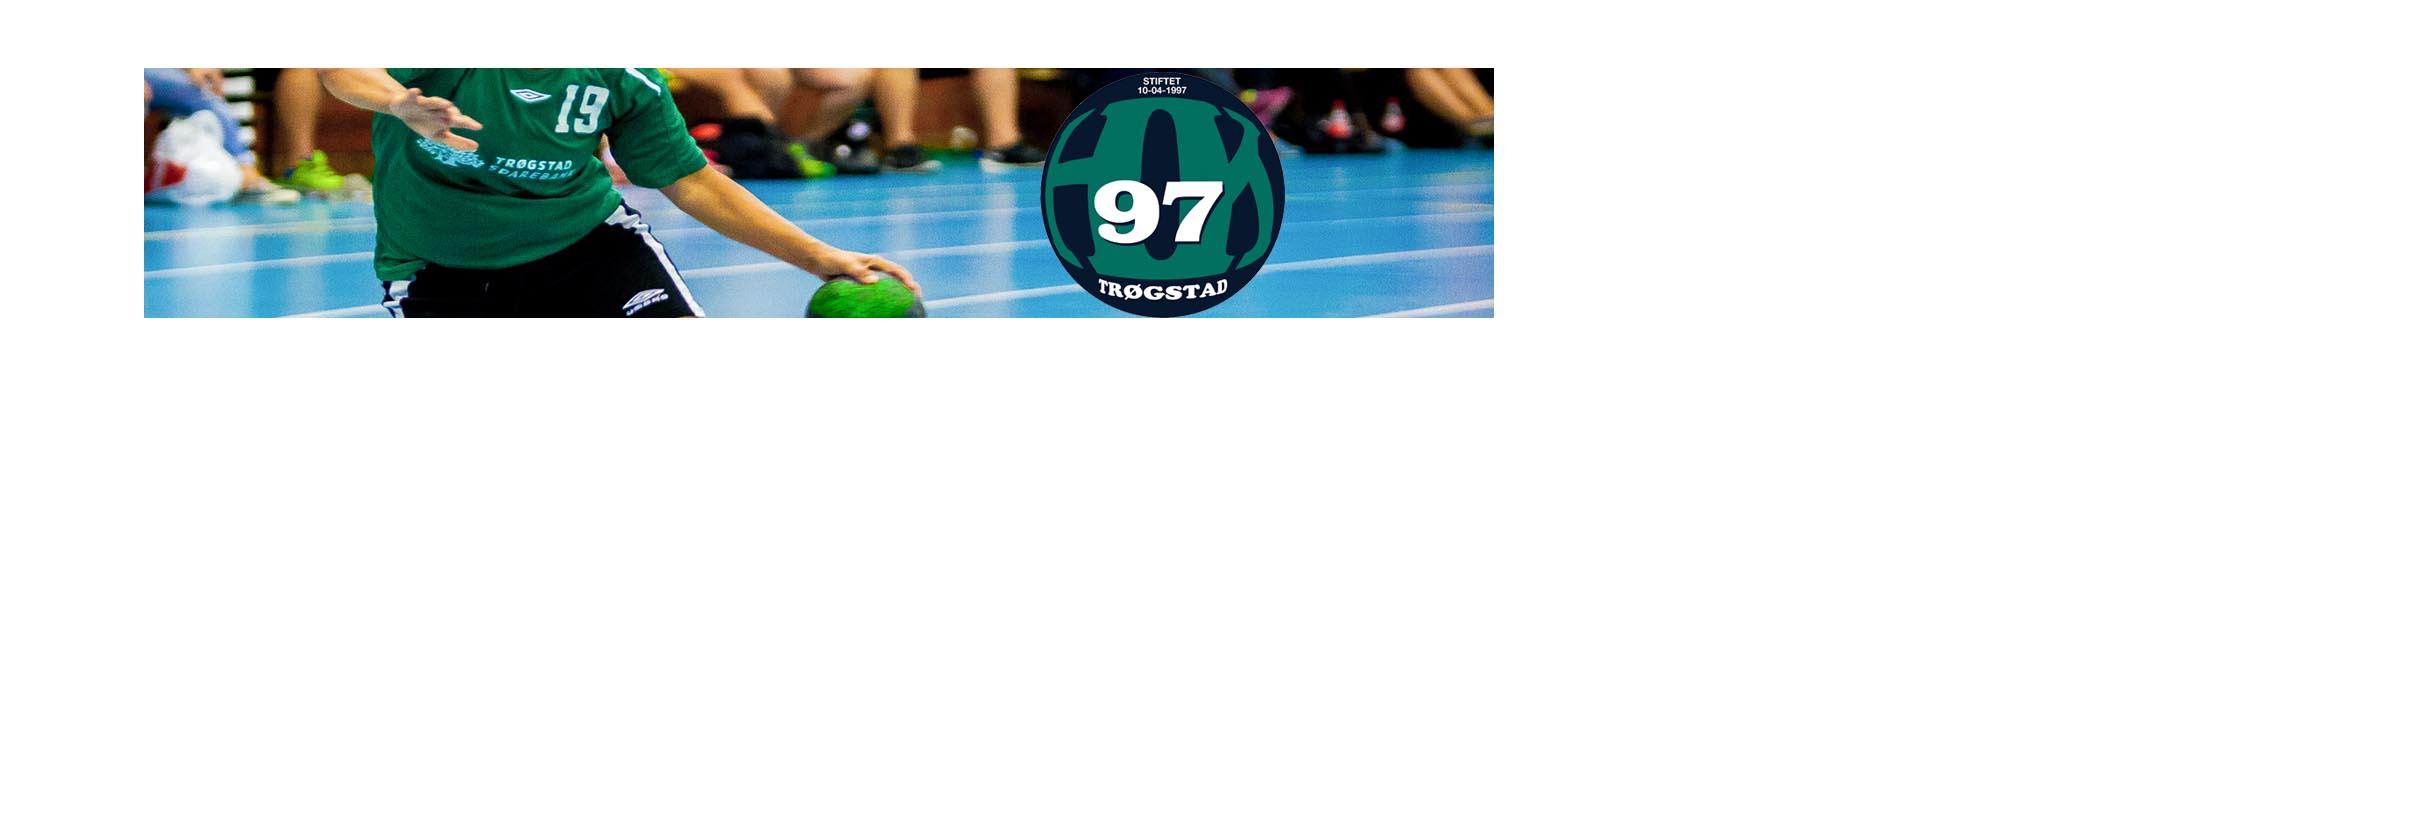 Ny_Topp_Logo